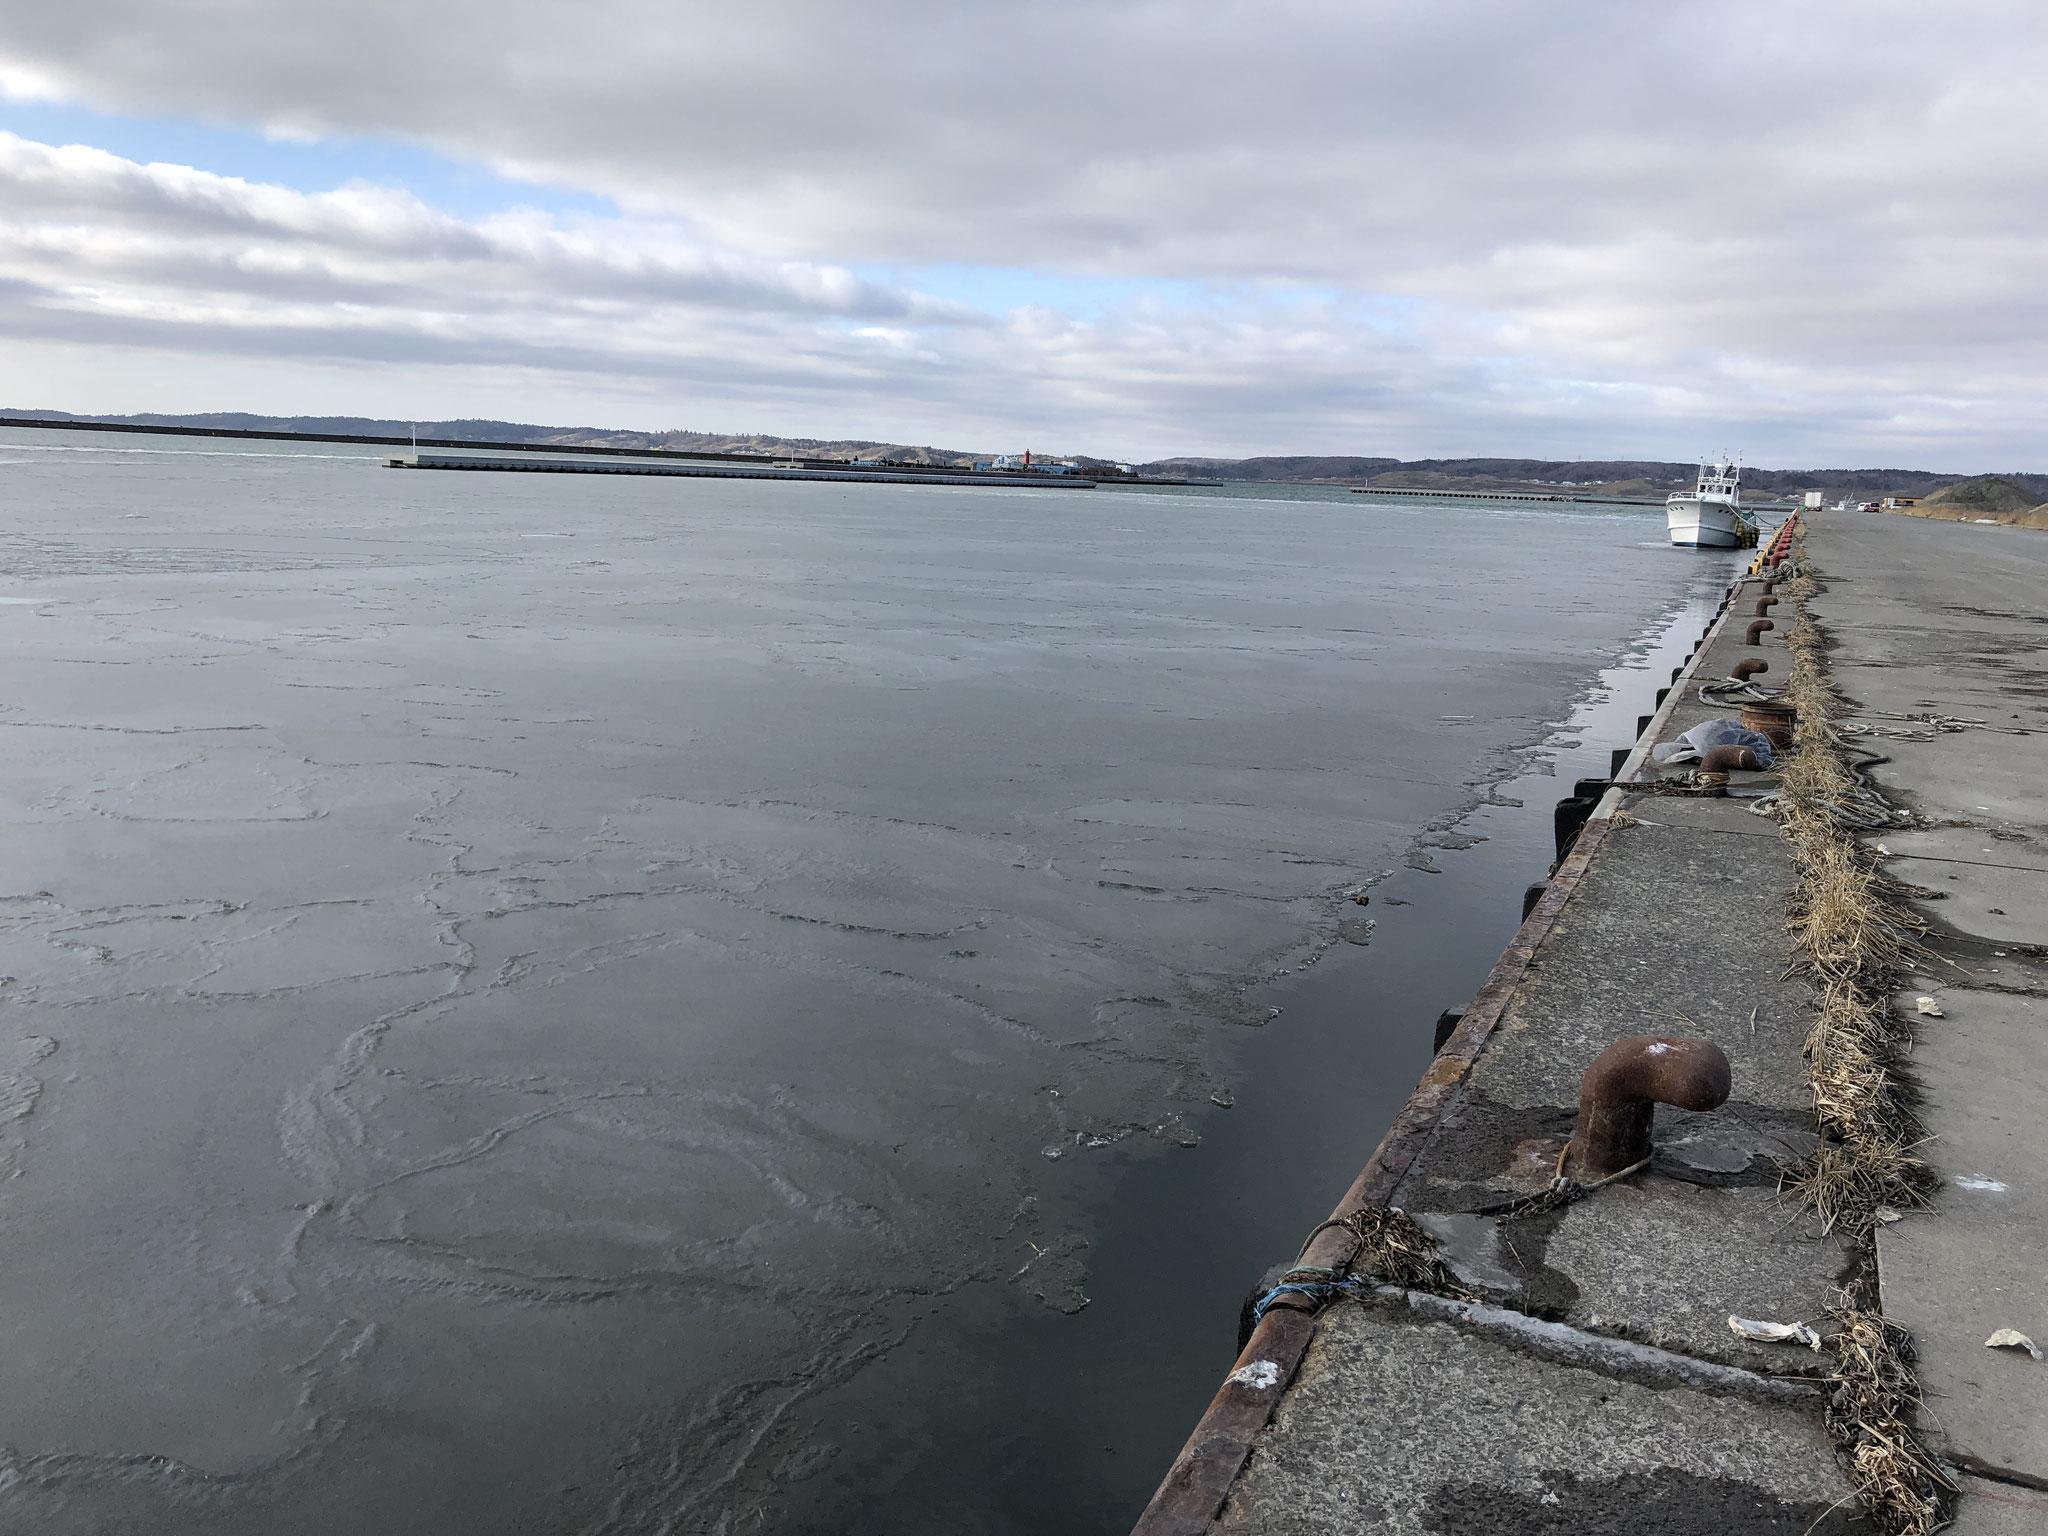 氷が張った岸壁